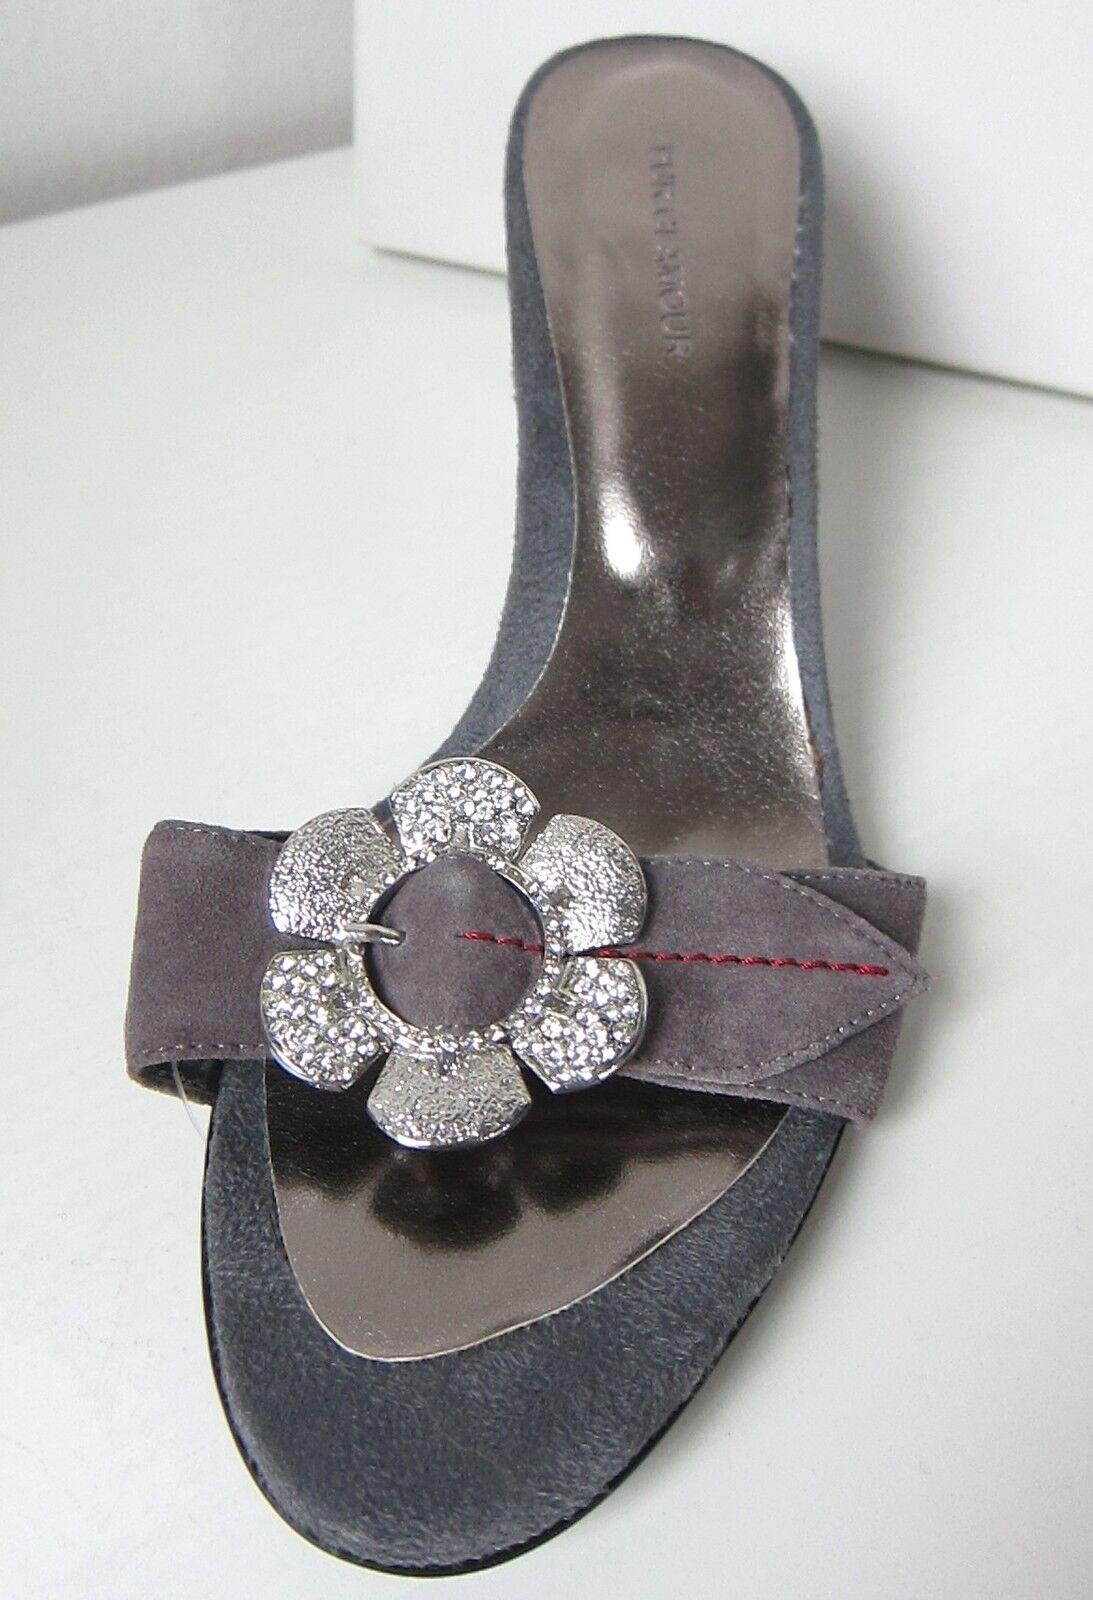 Unikat von PUR GLAMOUR Mule Pumps grau hellgrau Gr. 40 Sandals schuhe grau